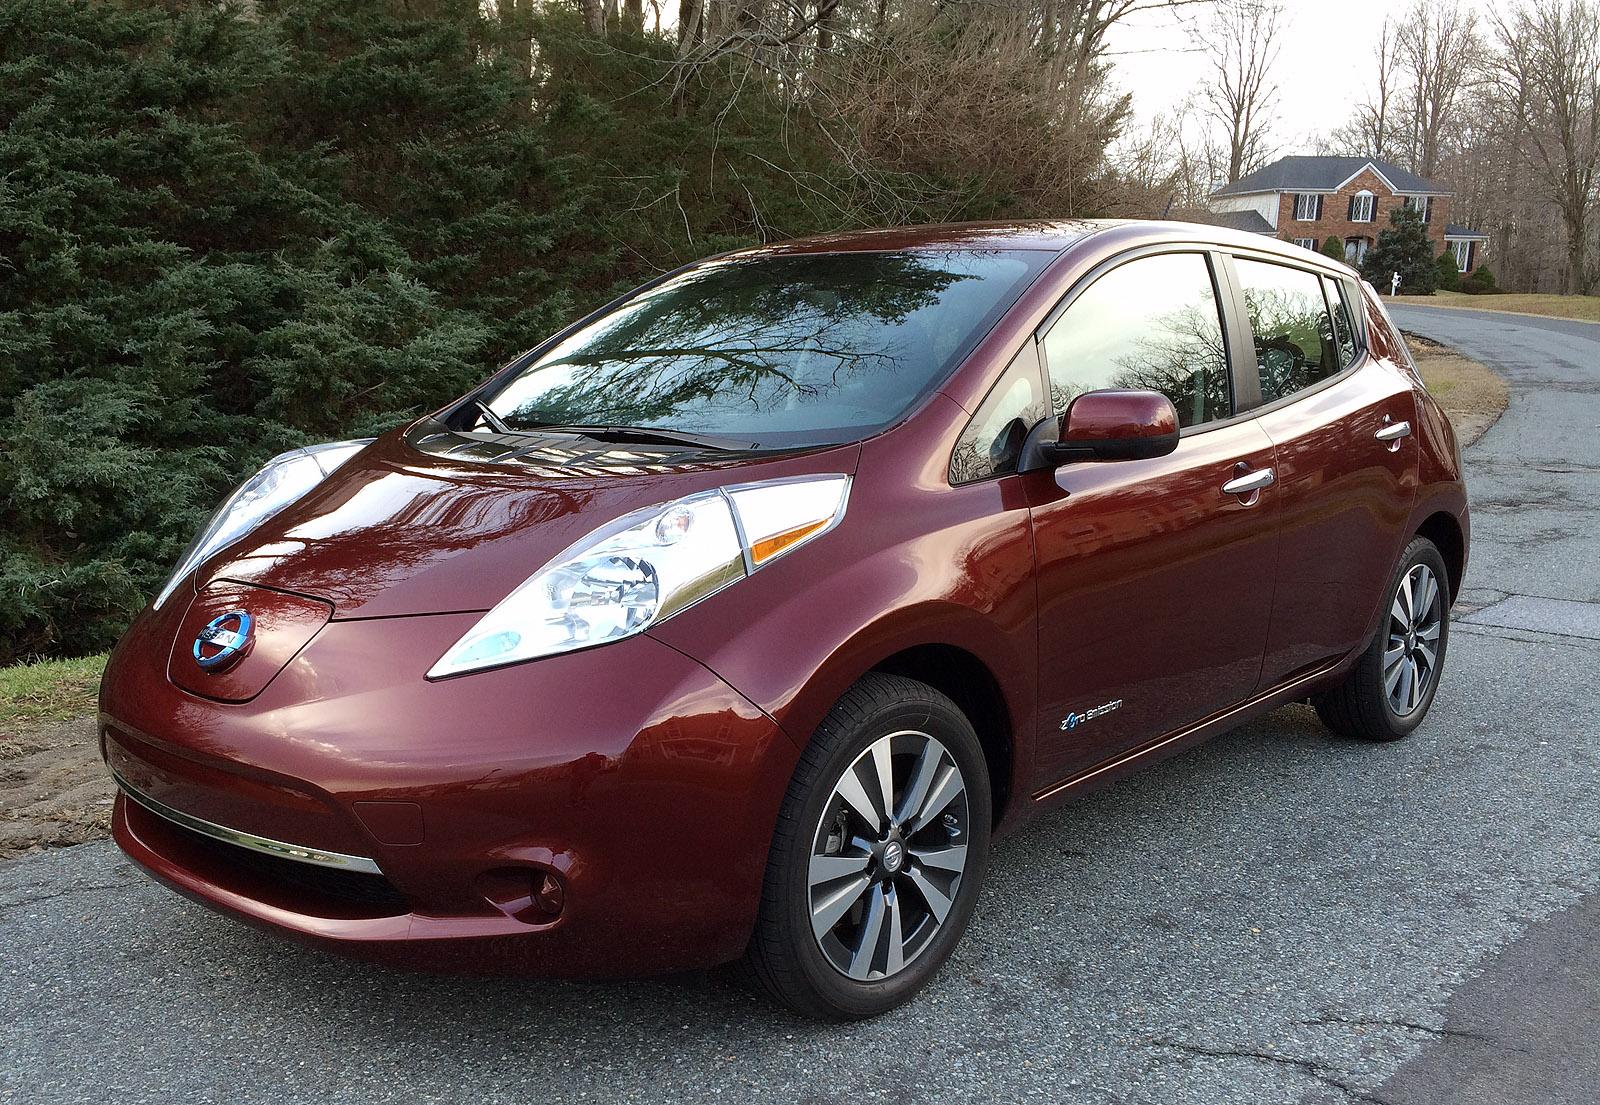 Larger battery gives drivers room to range in distinctive Nissan Leaf SV